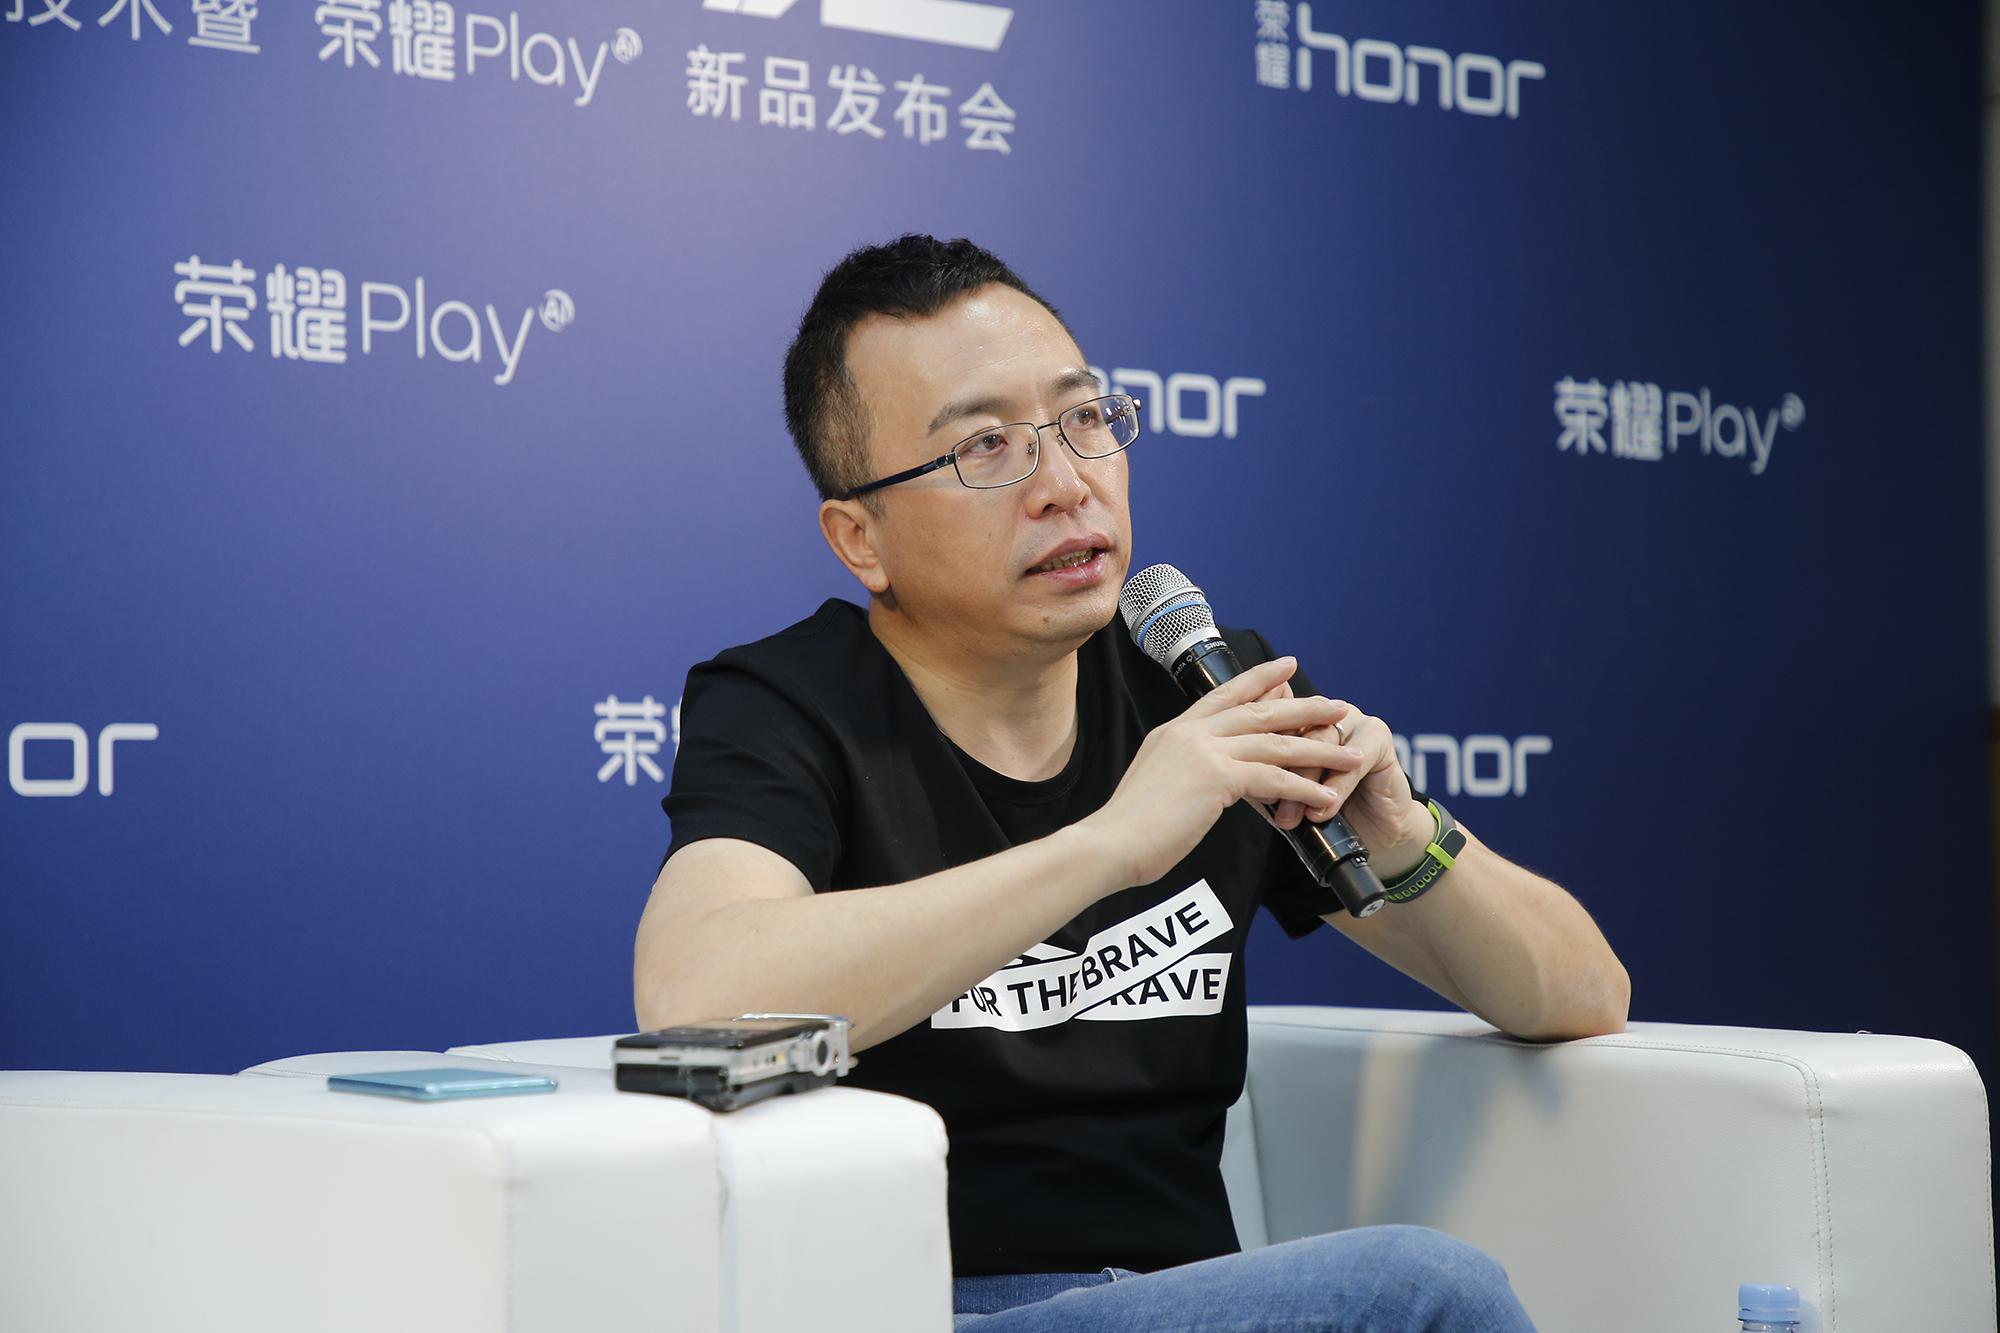 荣耀赵明:互联网手机小米营销最强,但荣耀效率最高